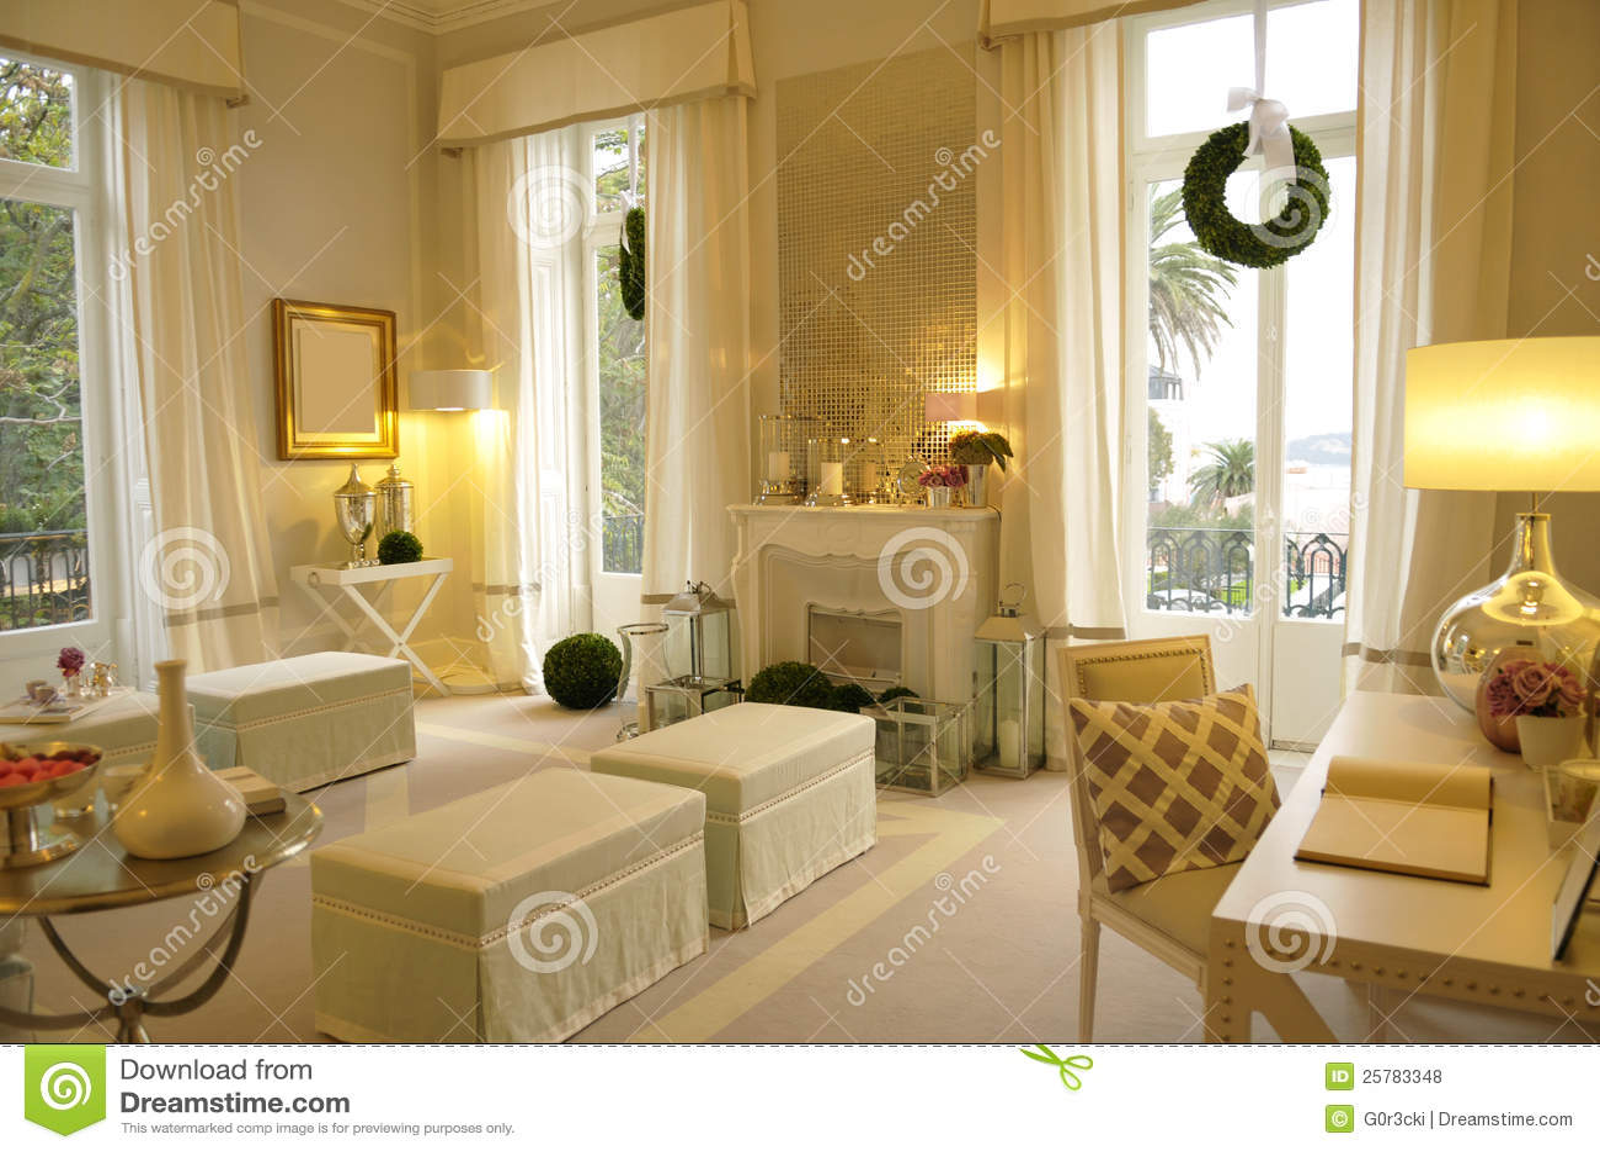 gemtliches wohnzimmer lizenzfreie stockfotos bild 25783348 - Gemtliche Wohnzimmer